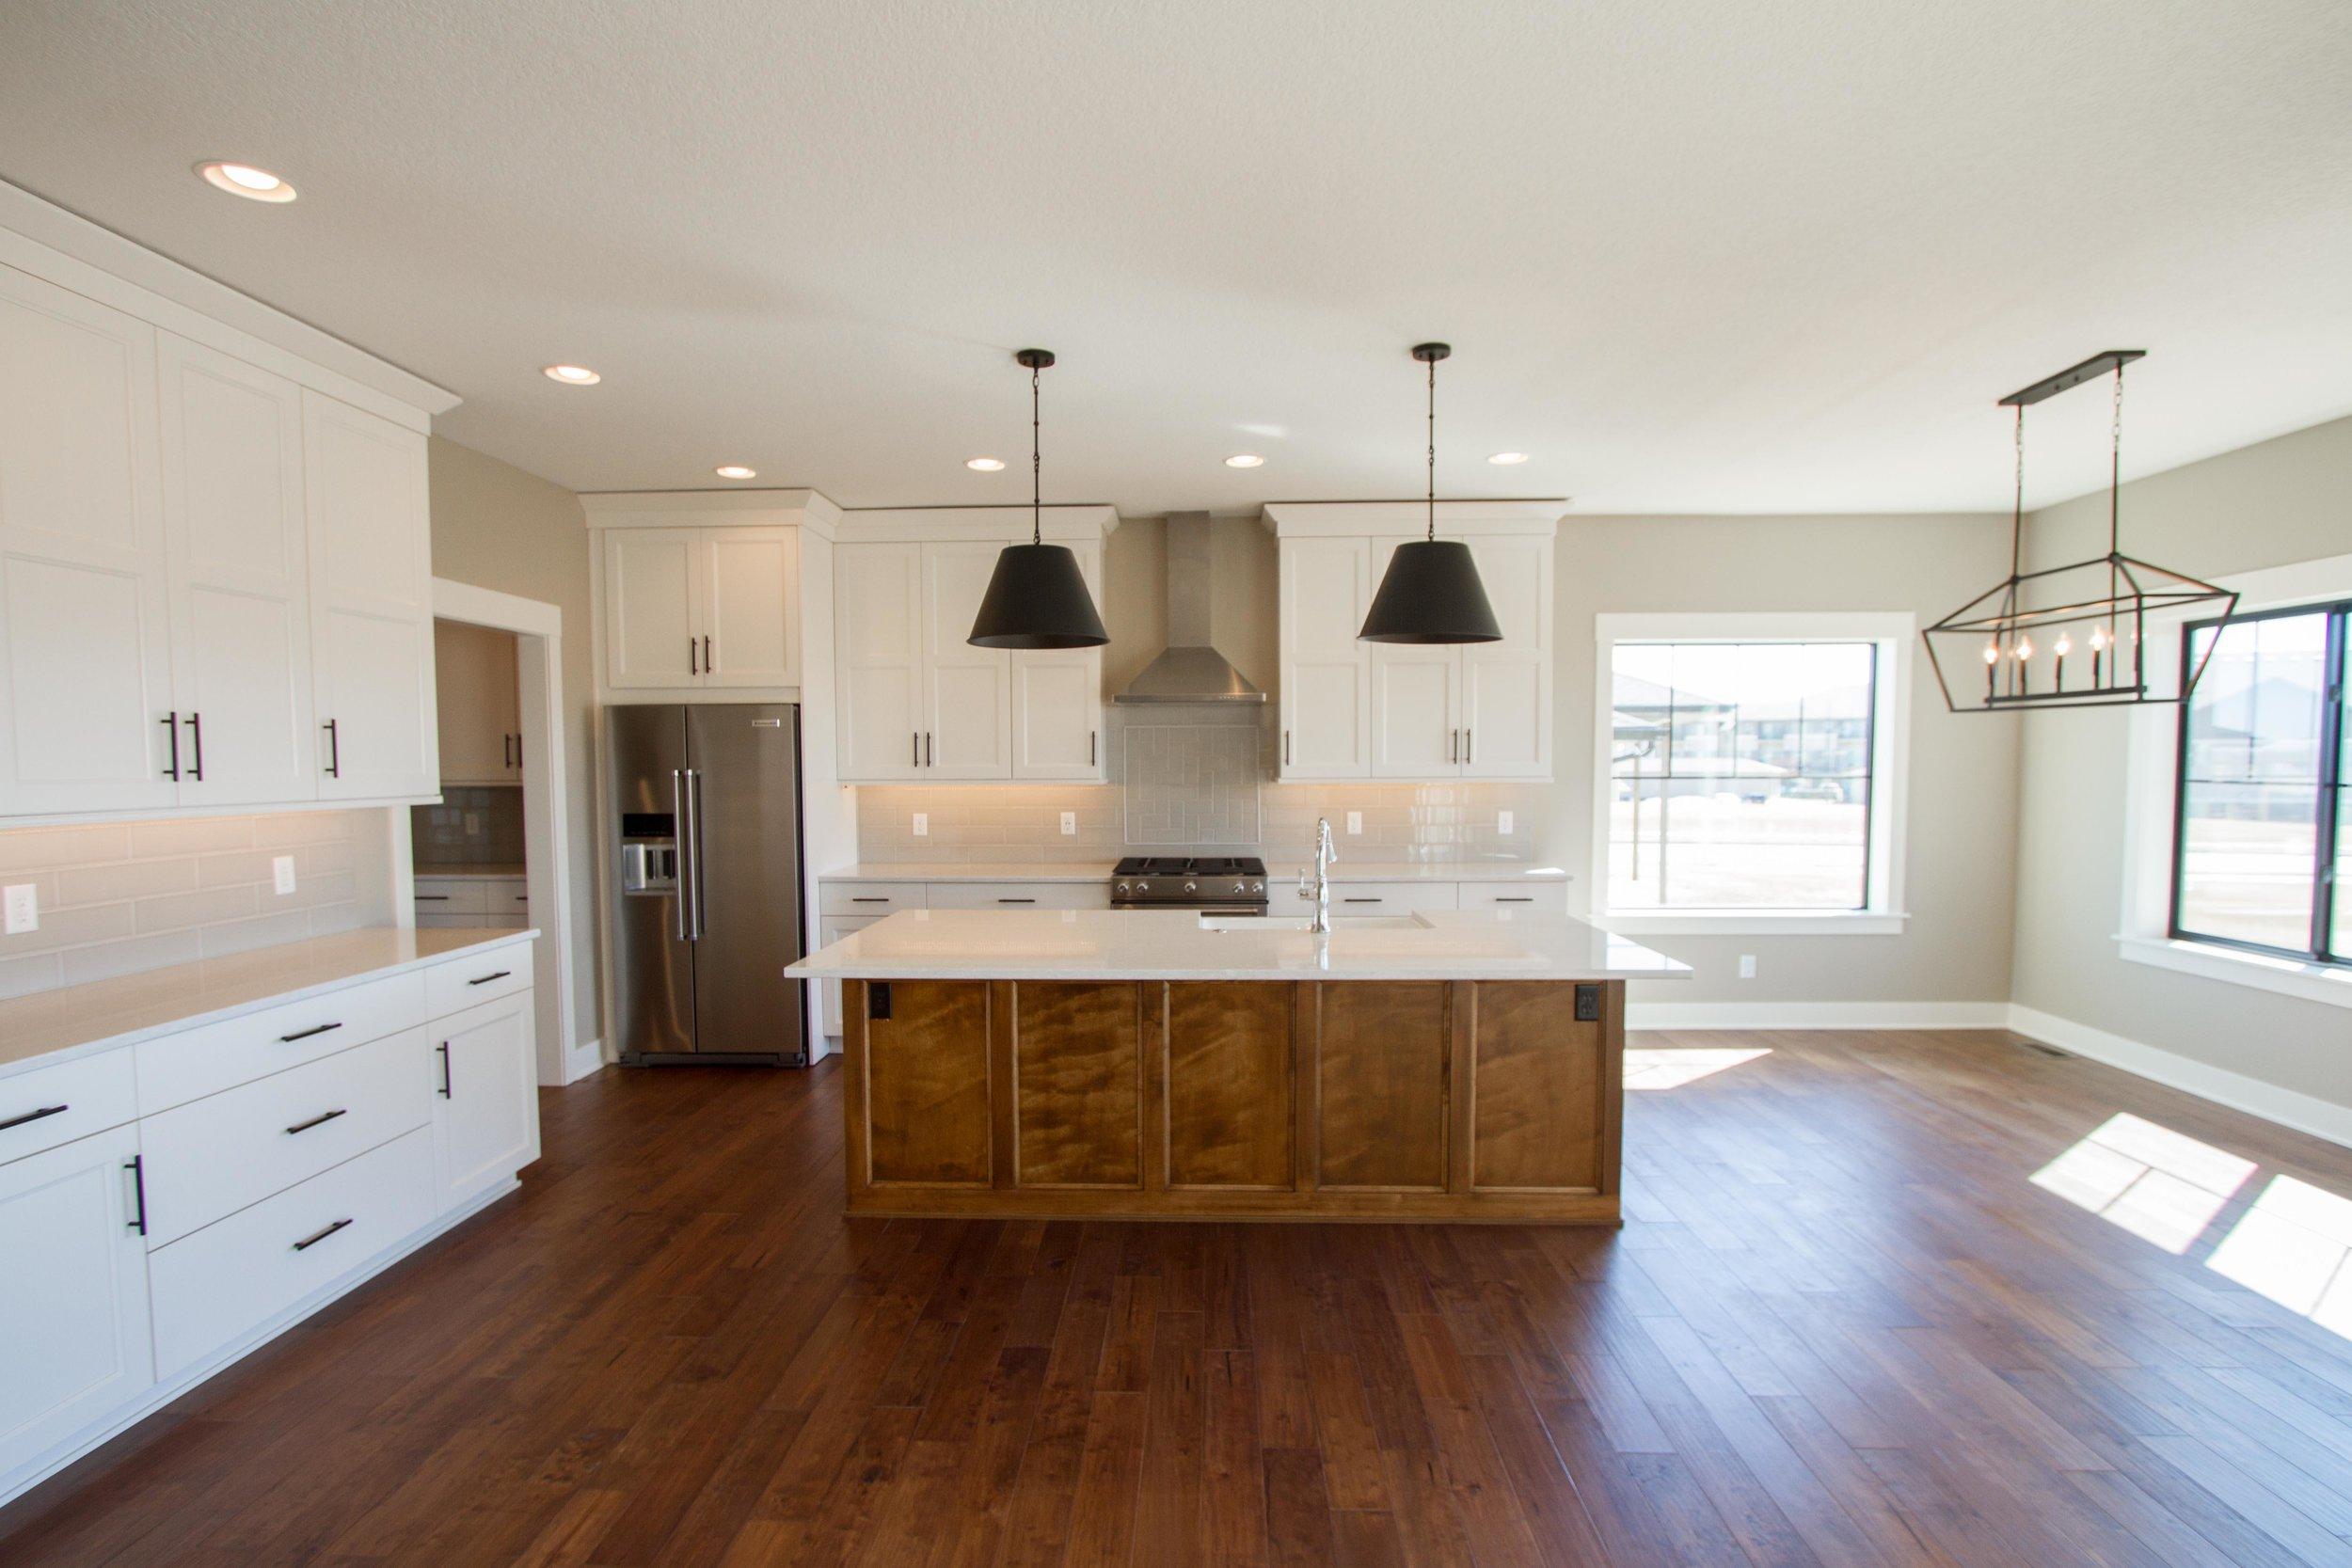 Next_Step_Homes-Kitchen-2.jpg